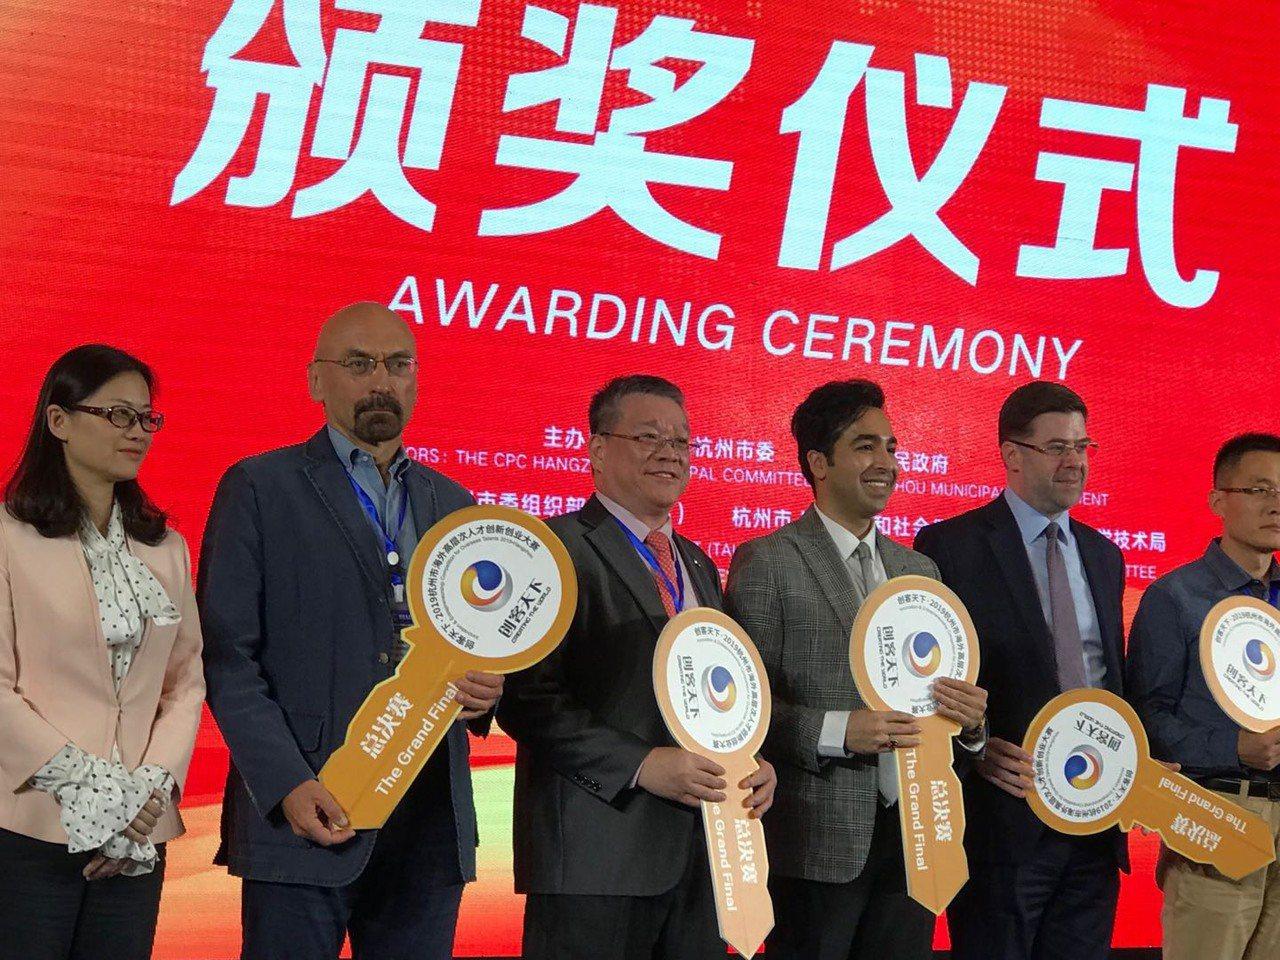 亞果生醫創辦人謝達仁(左3)獲此次大賽二等獎。亞果生醫/提供